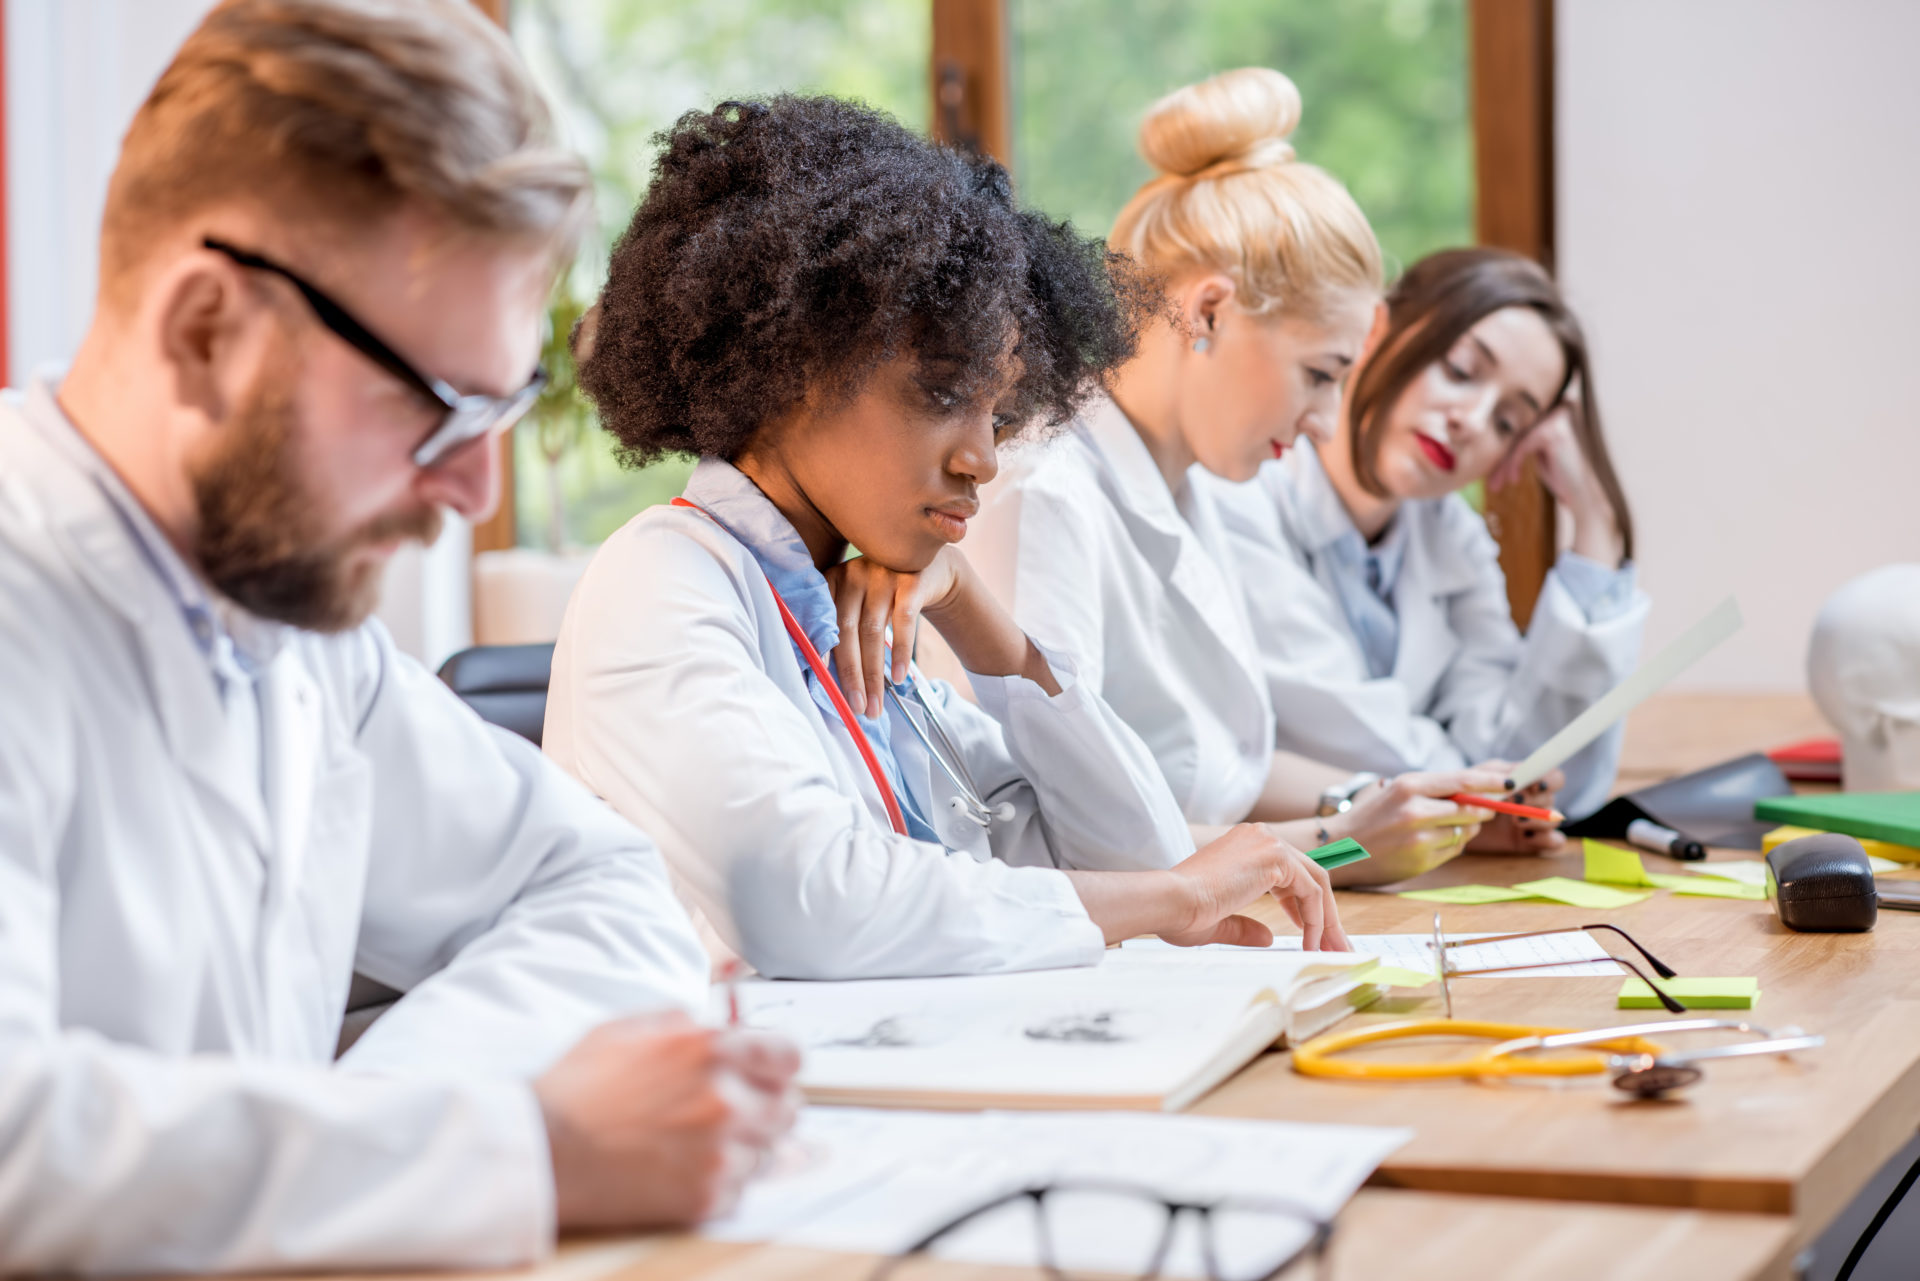 liceo medicina